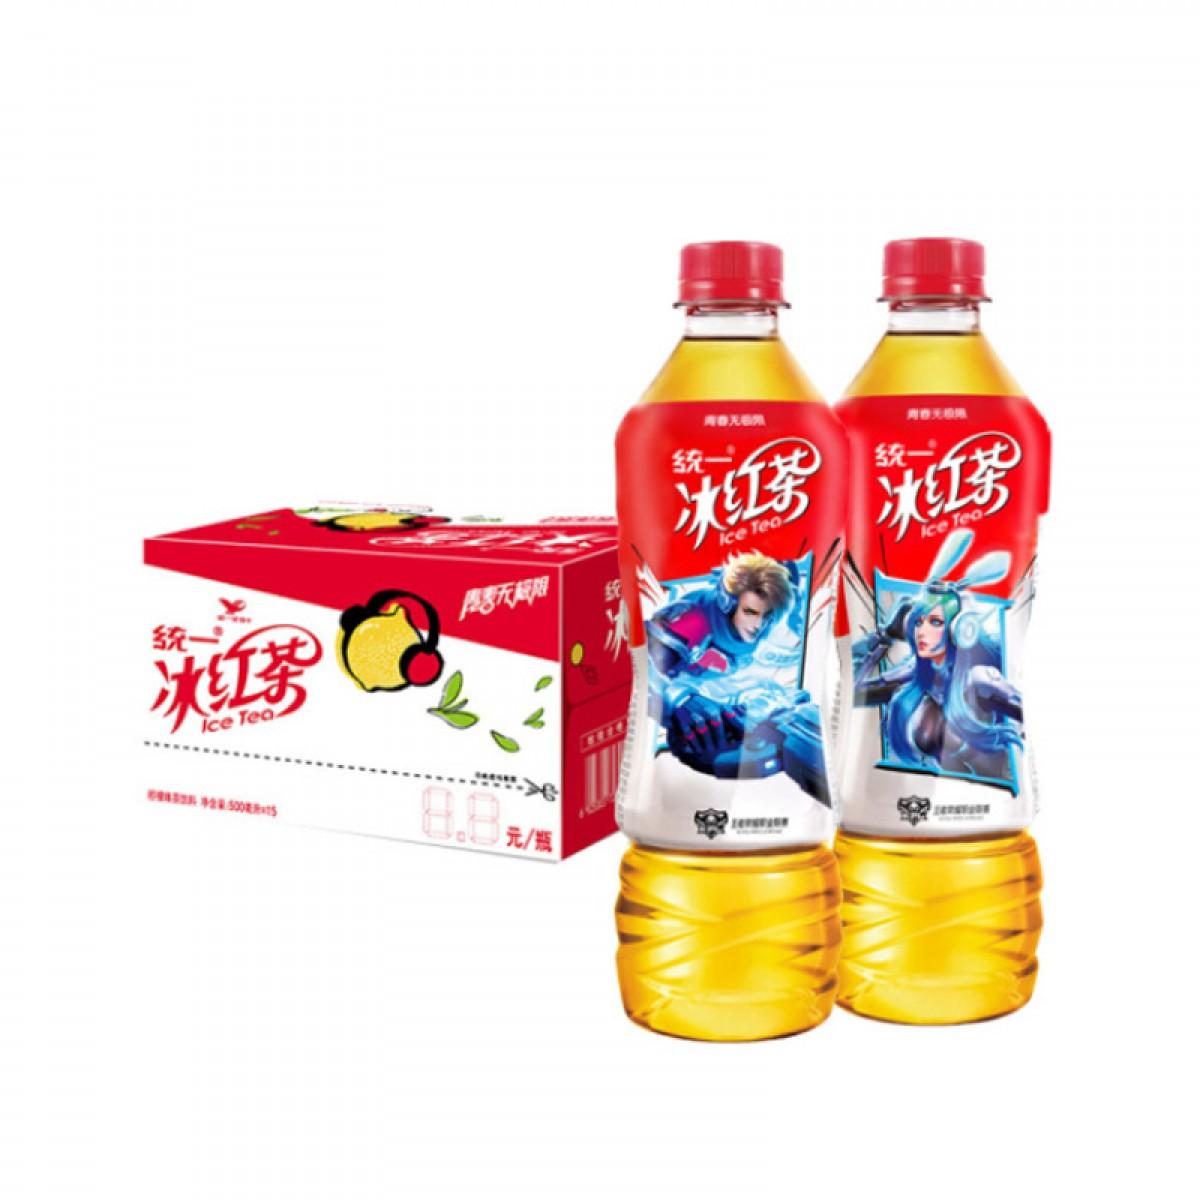 统一 冰红茶(柠檬味红茶饮料)500mlX15瓶 整箱装